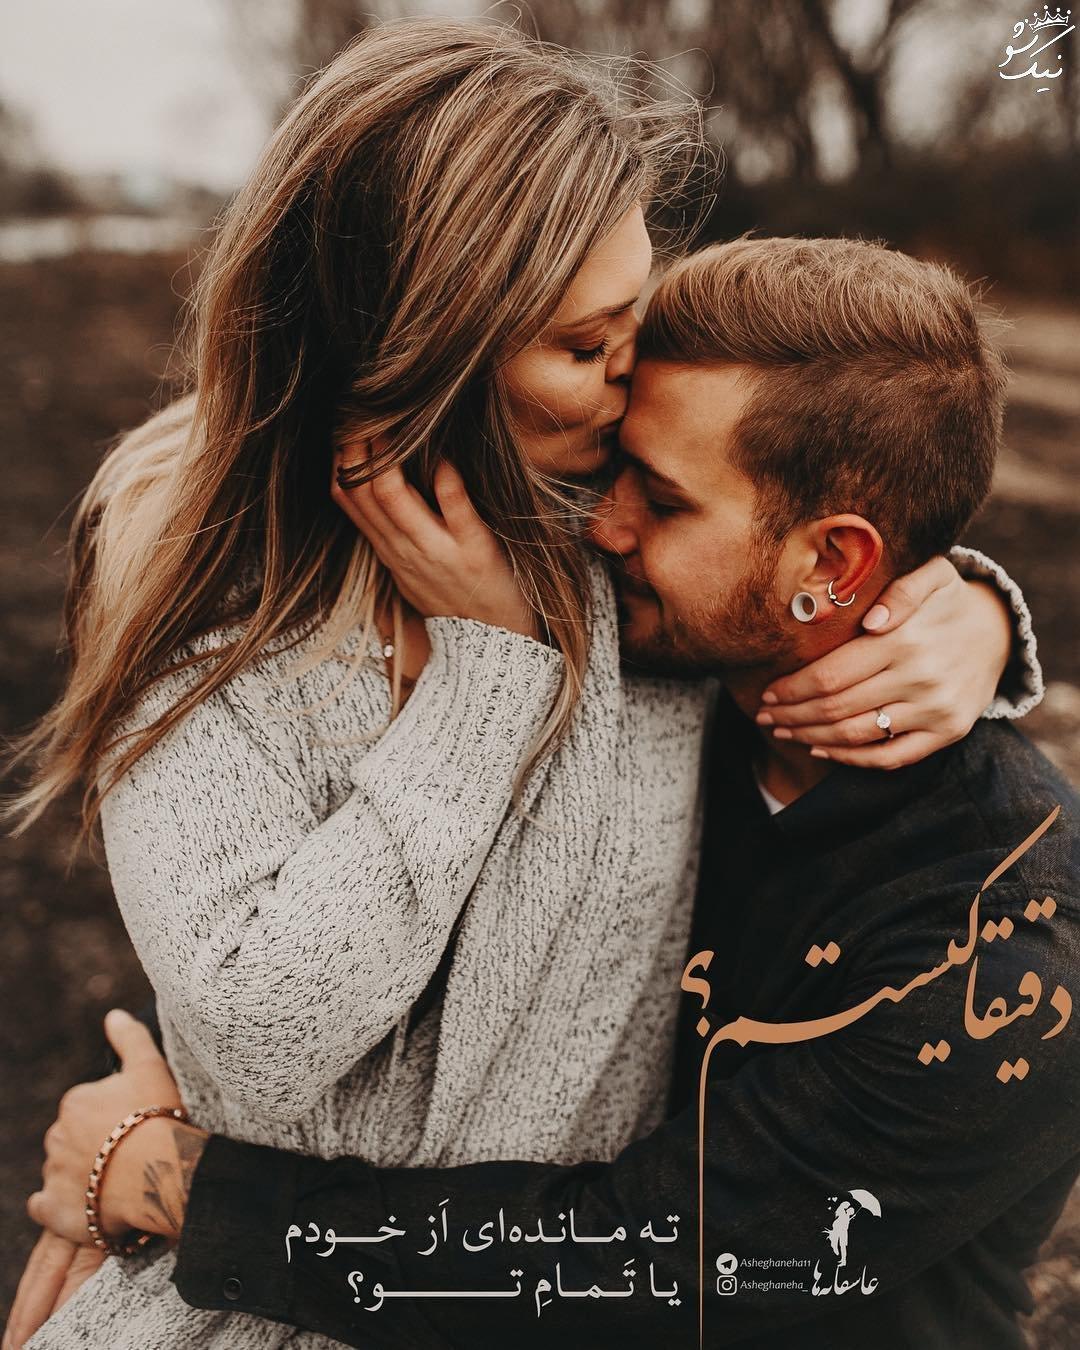 عکس های عاشقانه برای همسر ،عاشقانه های من و تو